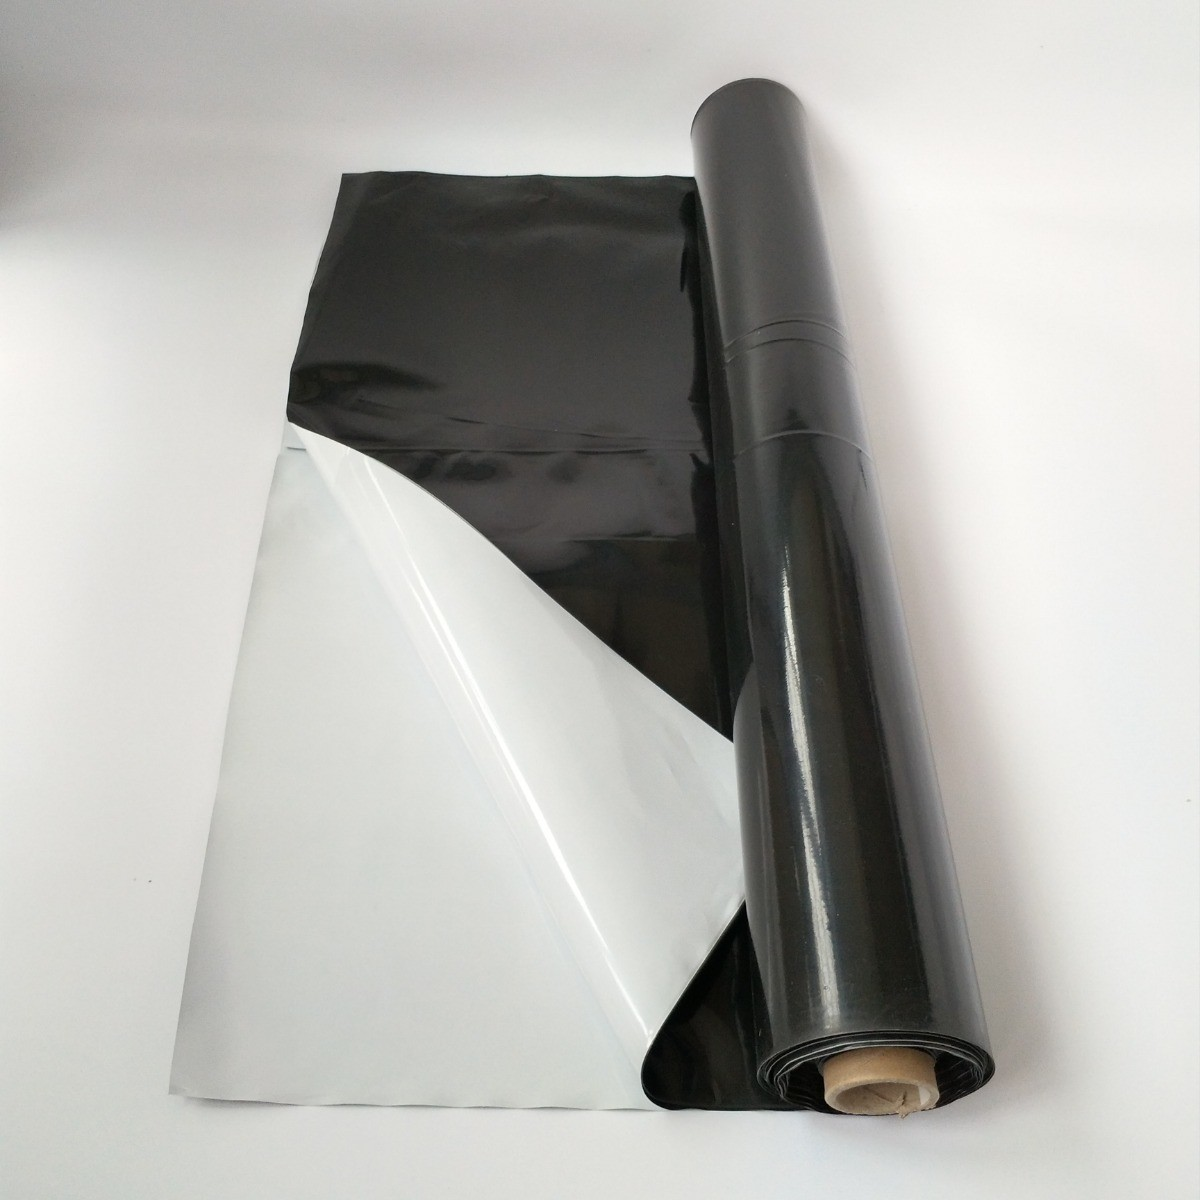 Lona Silagem Nortene Branca/Preta 72kg - 6x39m